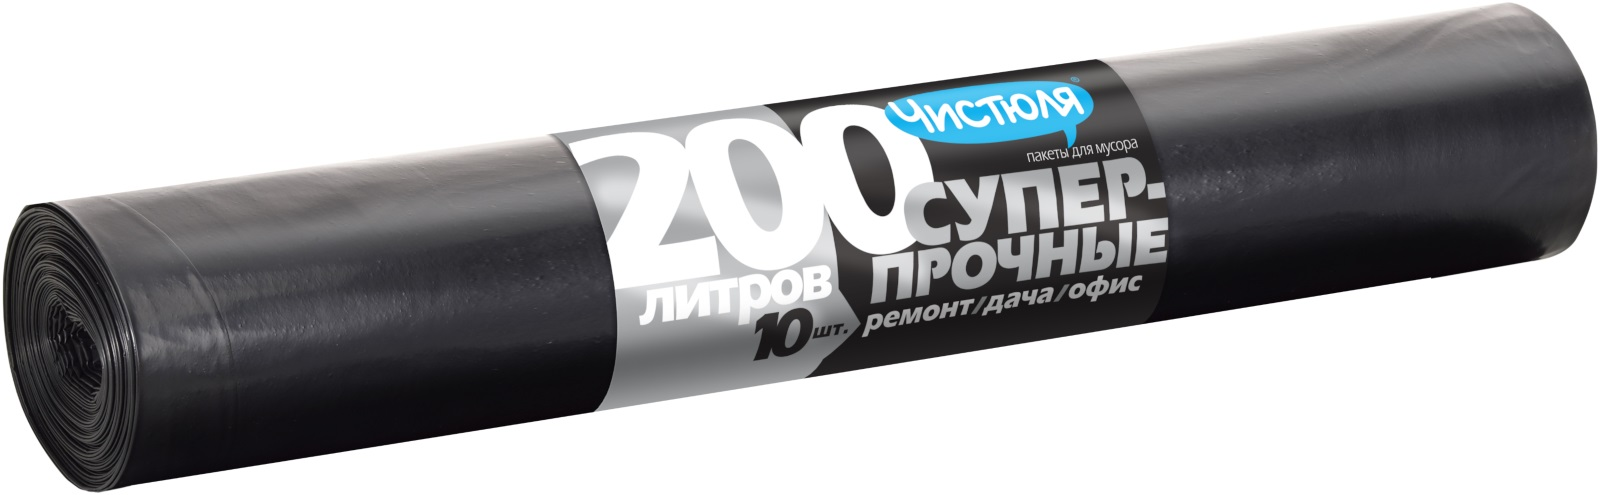 Мешок для мусора Чистюля МС012 200 л